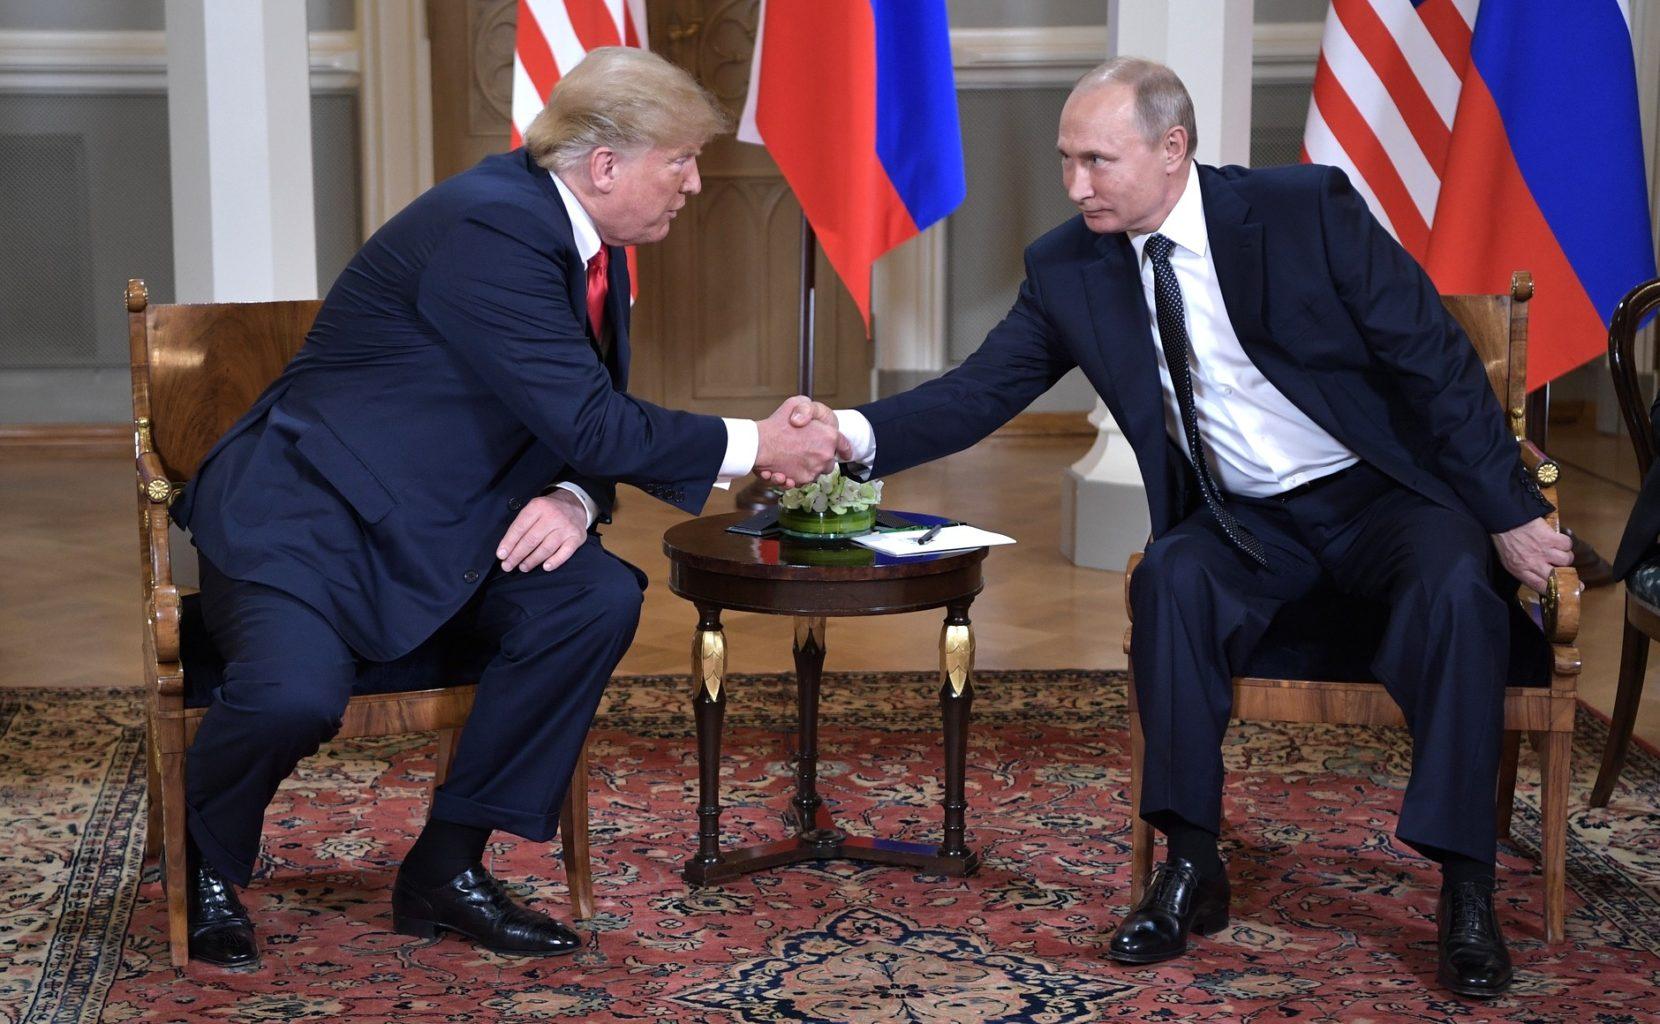 Rencontre entre Trump et Poutine